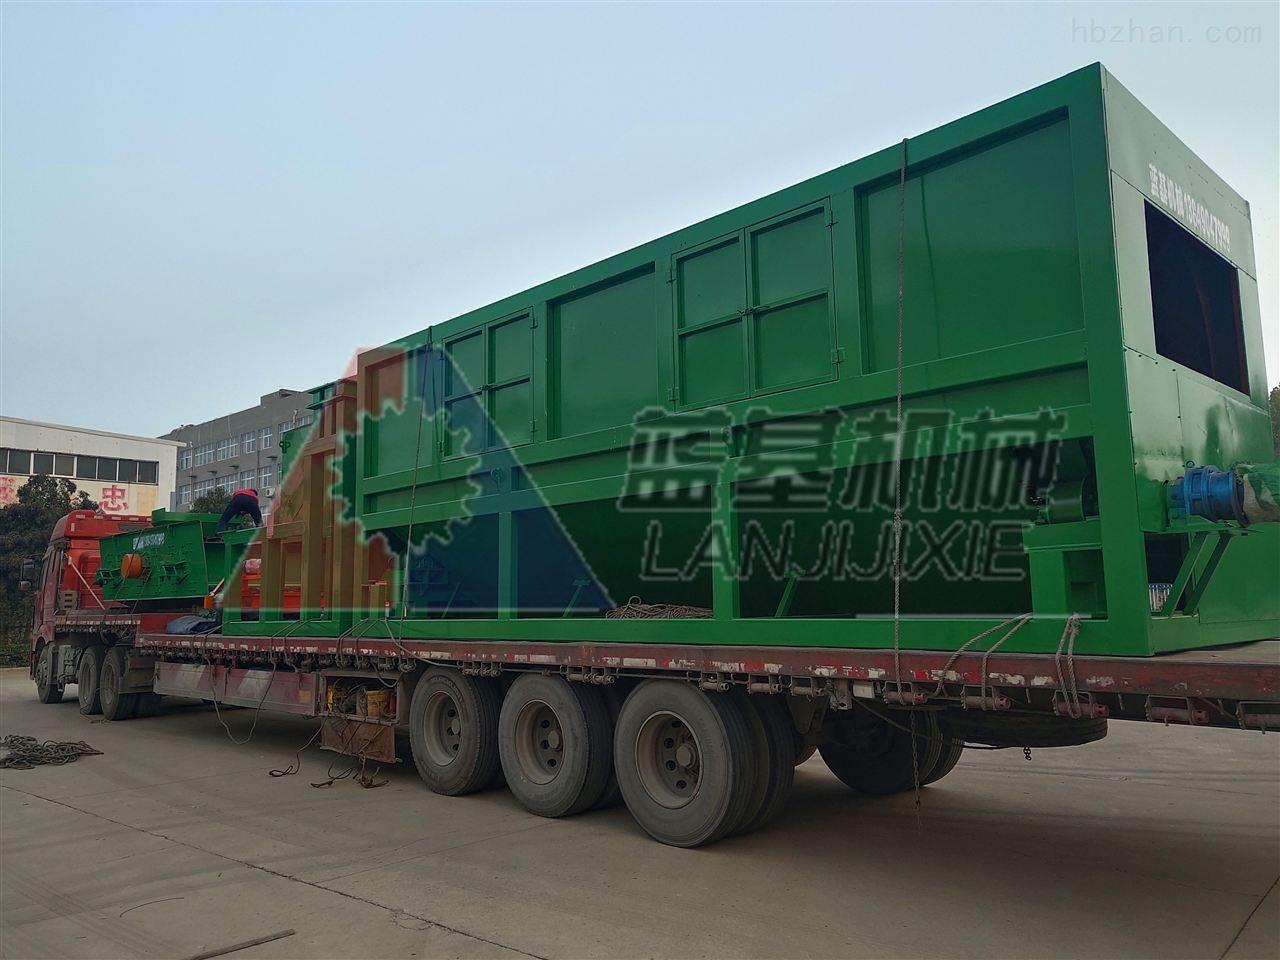 蓝基全封闭式生活垃圾处理机器在上海亮相